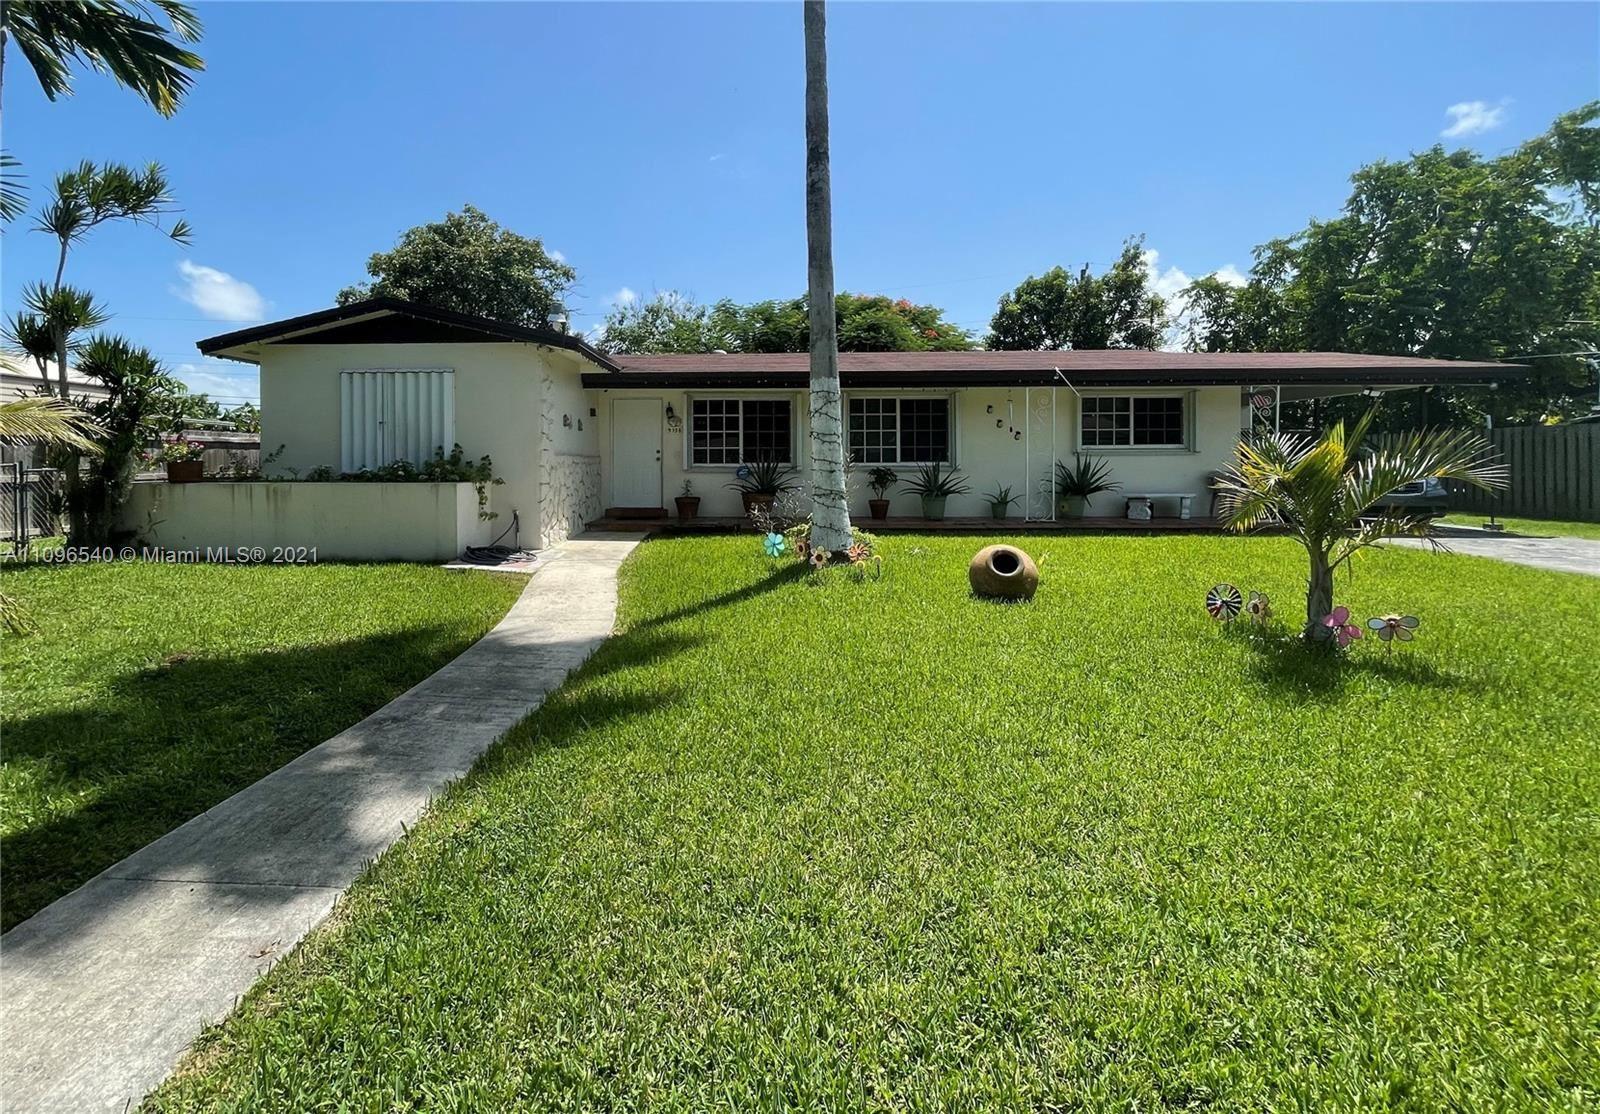 9730 SW 164th St, Miami, FL 33157 - #: A11096540